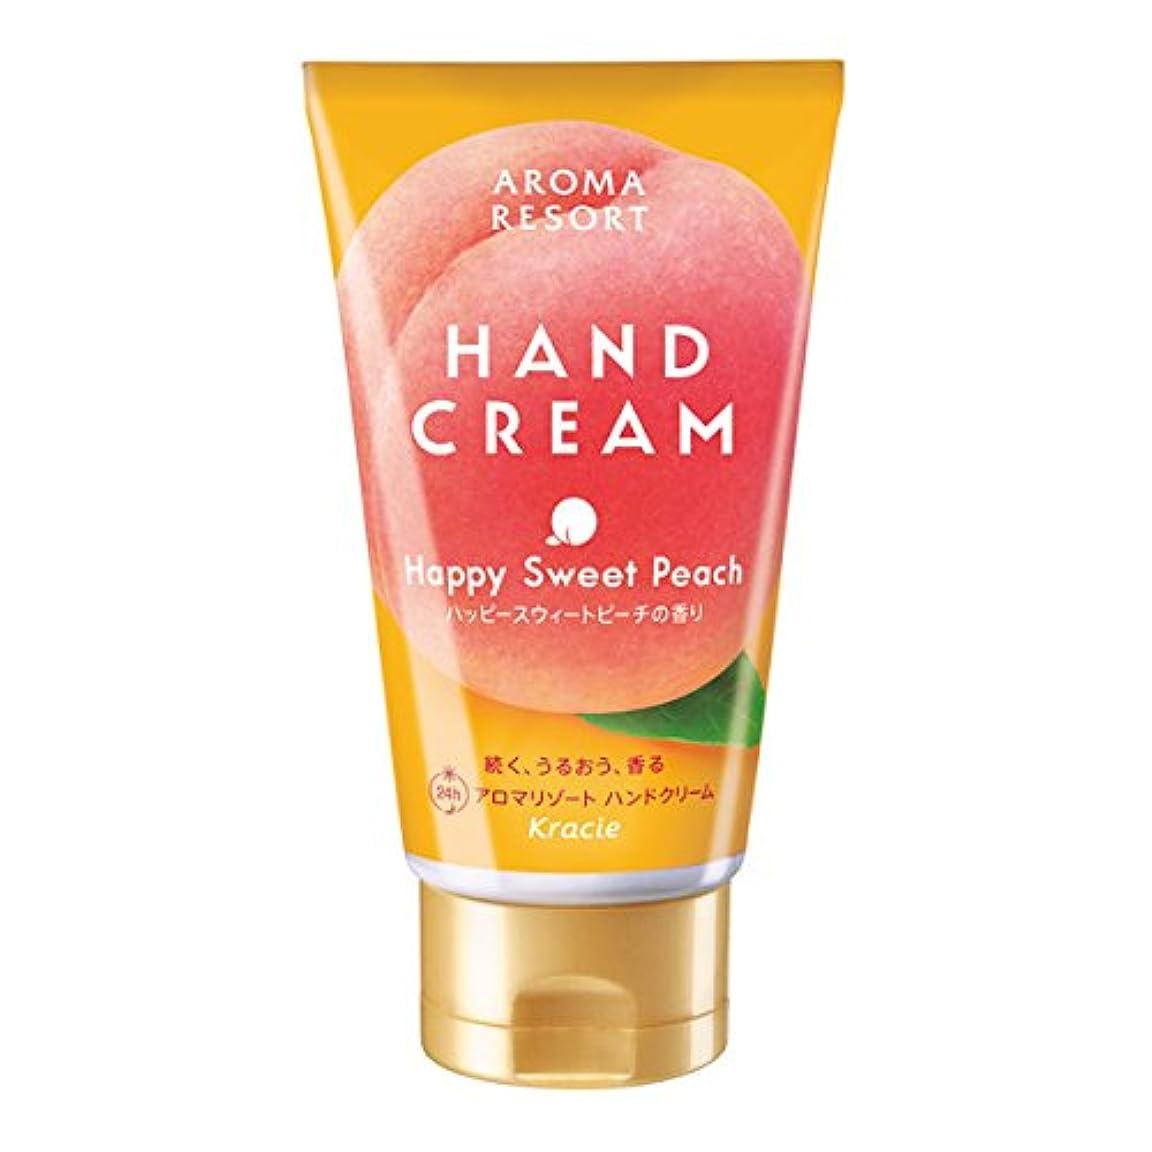 理想的にはホールドオール割り当てますアロマリゾート ハンドクリーム ハッピースウィートピーチの香り 70g